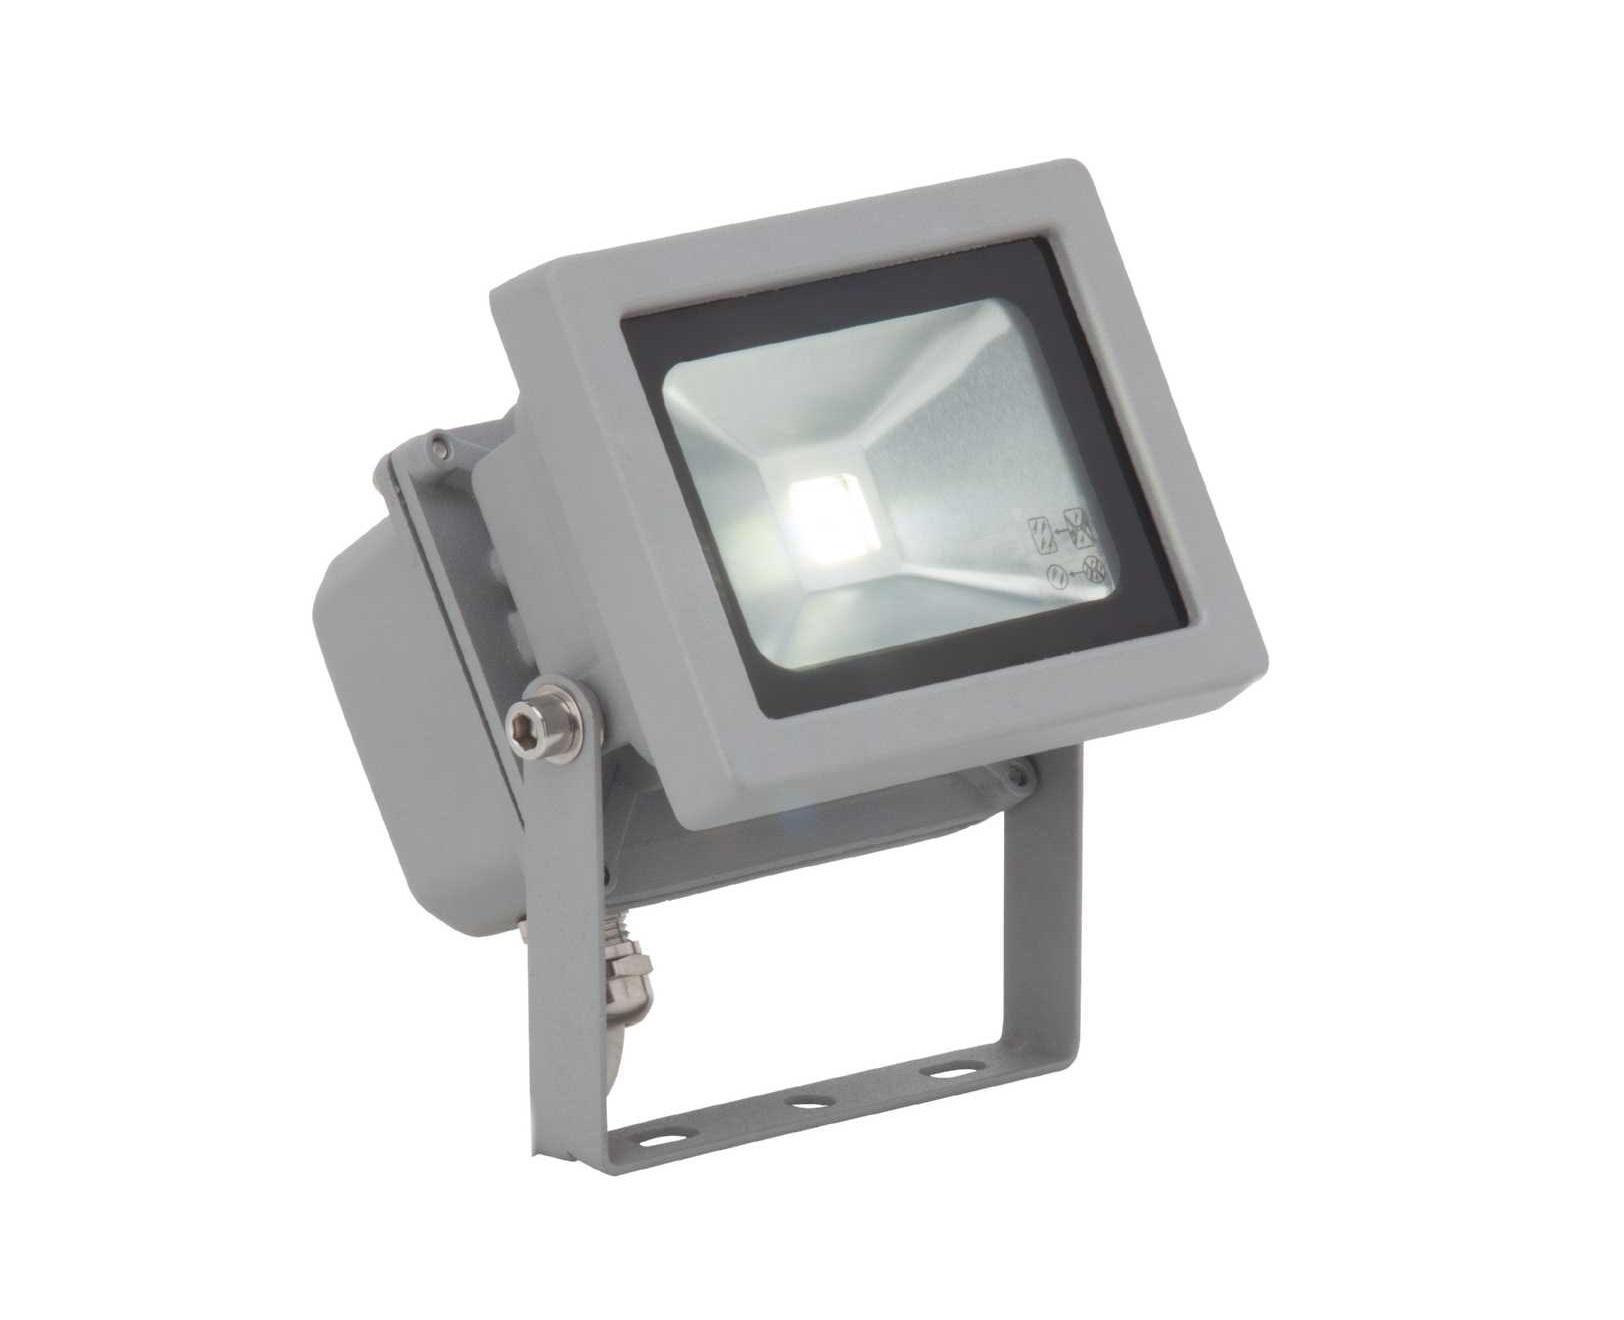 Светильник настенный  Riad Уличные настенные светильники<br>&amp;lt;div&amp;gt;&amp;lt;div&amp;gt;Вид цоколя: LED&amp;lt;/div&amp;gt;&amp;lt;div&amp;gt;Мощность: 10W&amp;lt;/div&amp;gt;&amp;lt;div&amp;gt;Количество ламп: 1&amp;lt;/div&amp;gt;&amp;lt;div&amp;gt;&amp;lt;br&amp;gt;&amp;lt;/div&amp;gt;&amp;lt;/div&amp;gt;&amp;lt;div&amp;gt;&amp;lt;br&amp;gt;&amp;lt;/div&amp;gt;<br><br>Material: Металл